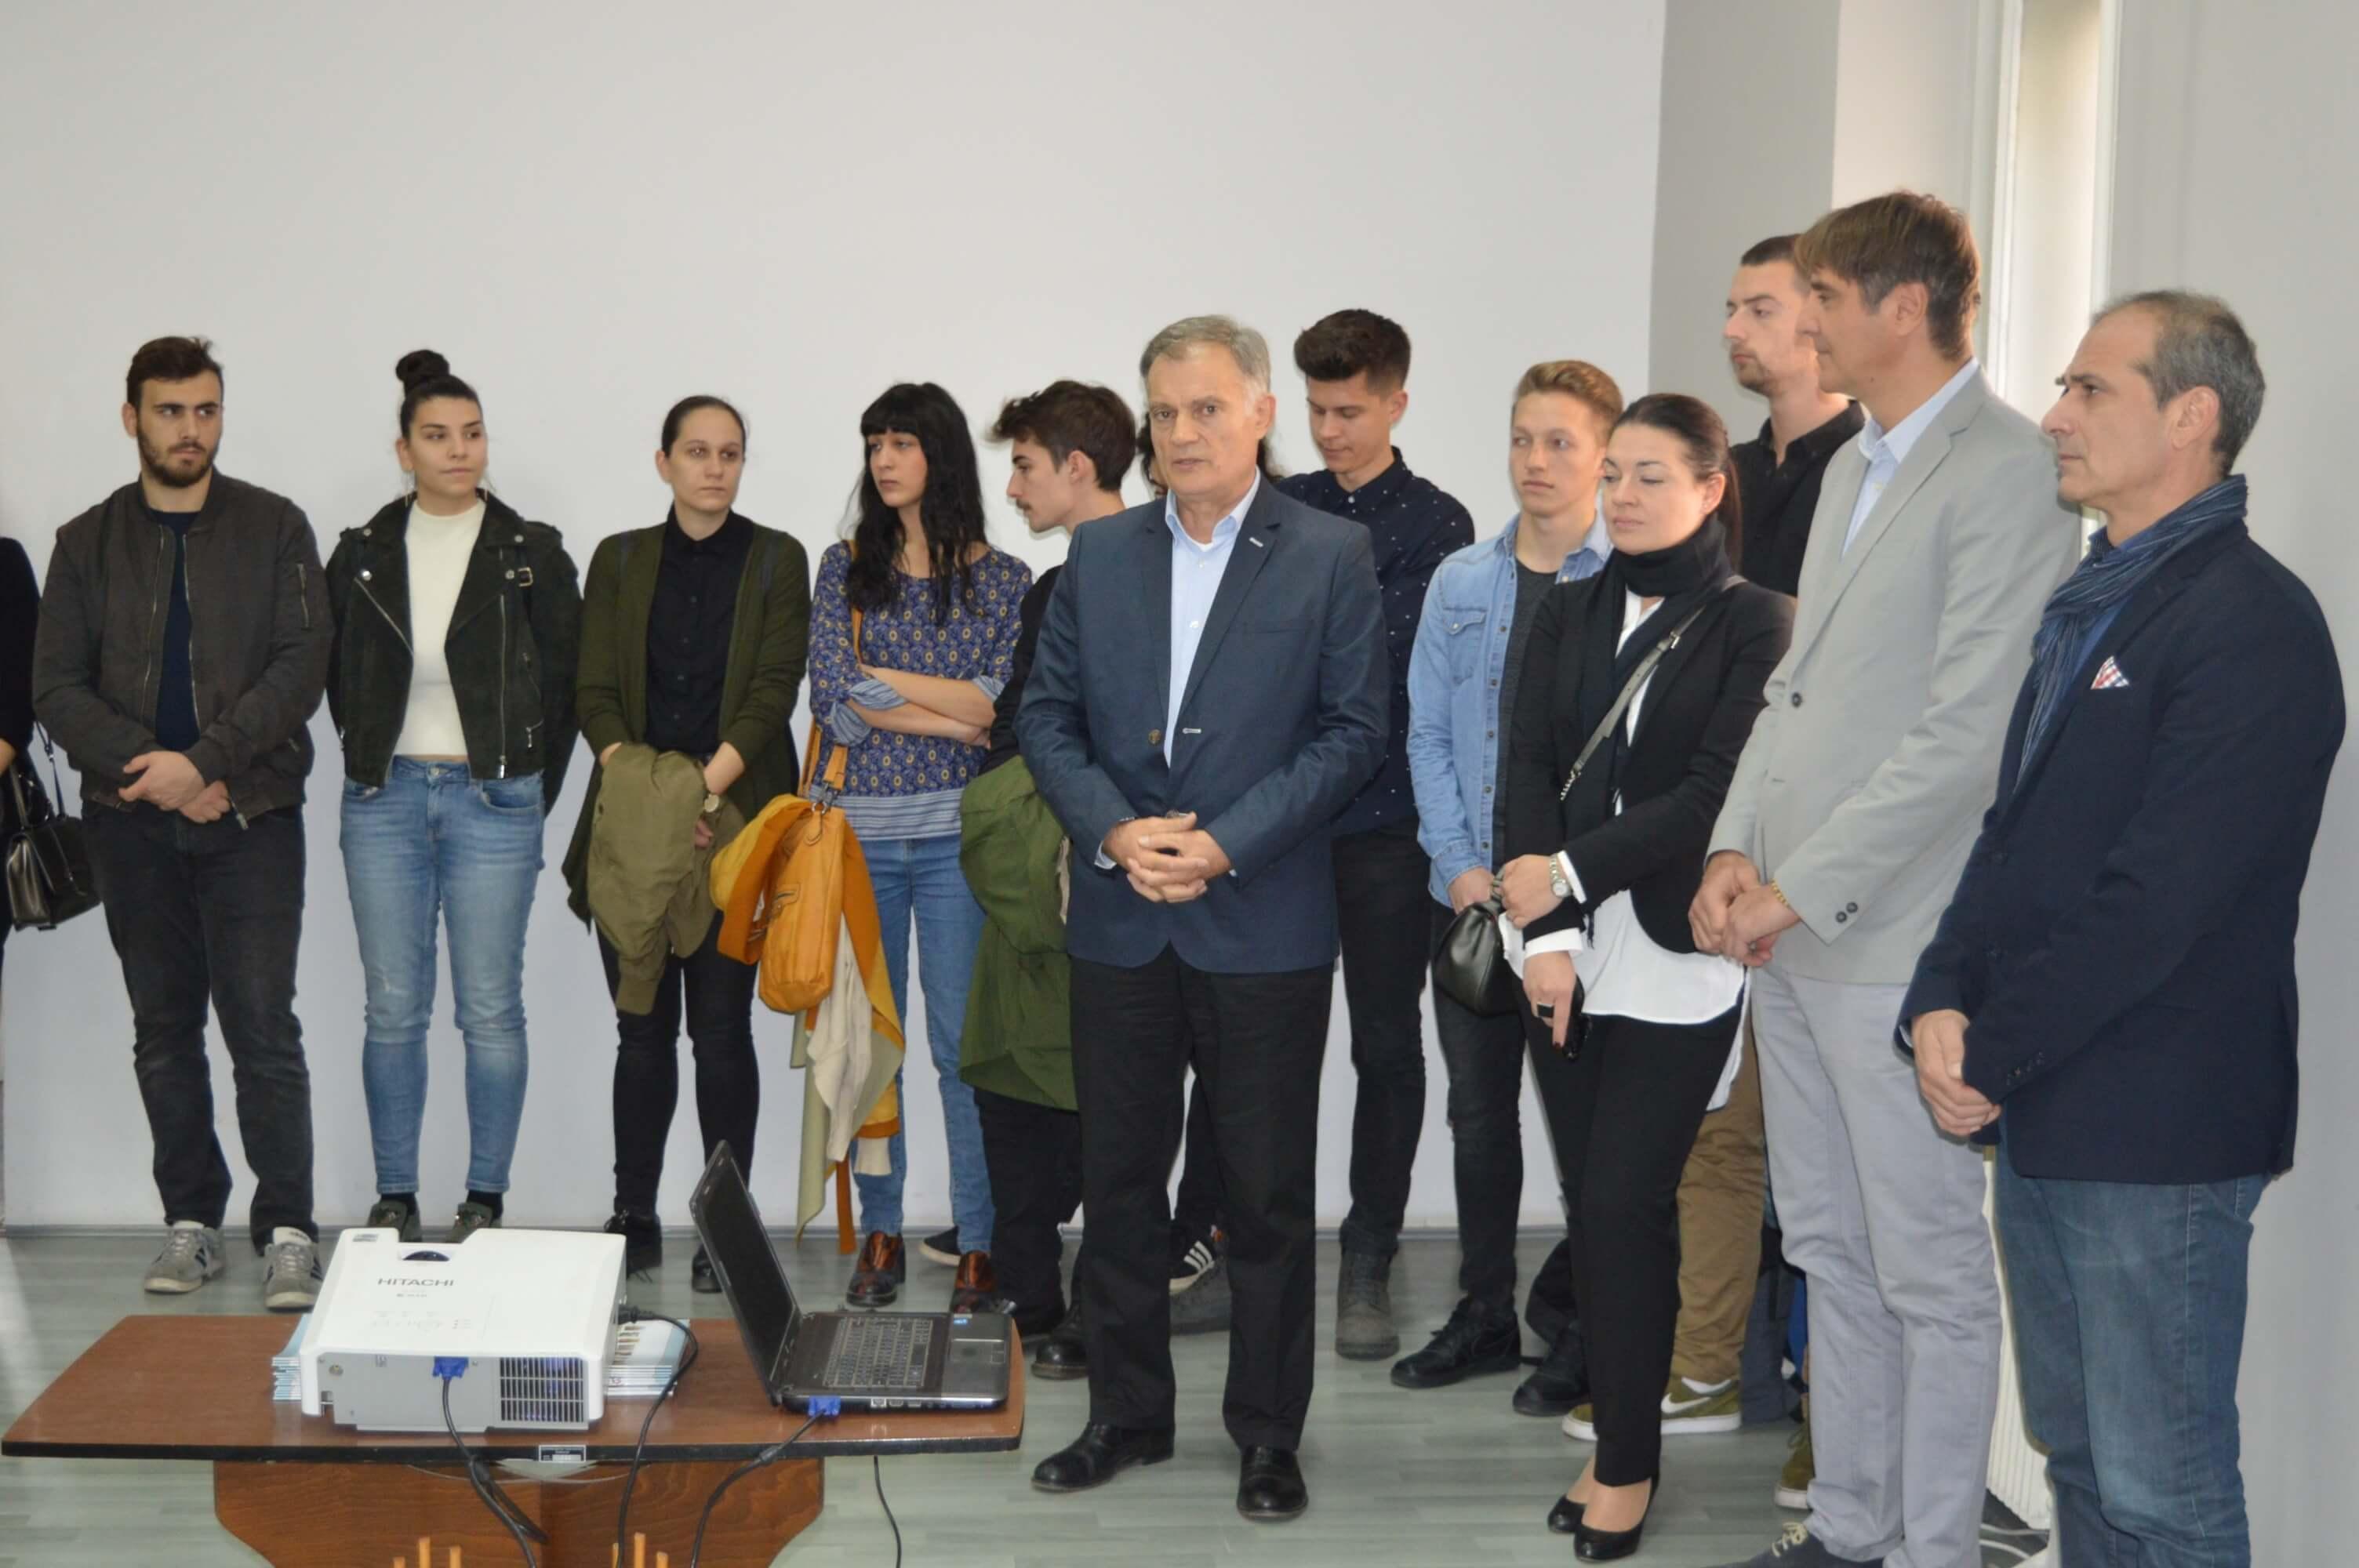 Милан Стојков главни урбаниста града Сомбора отвара изложбу